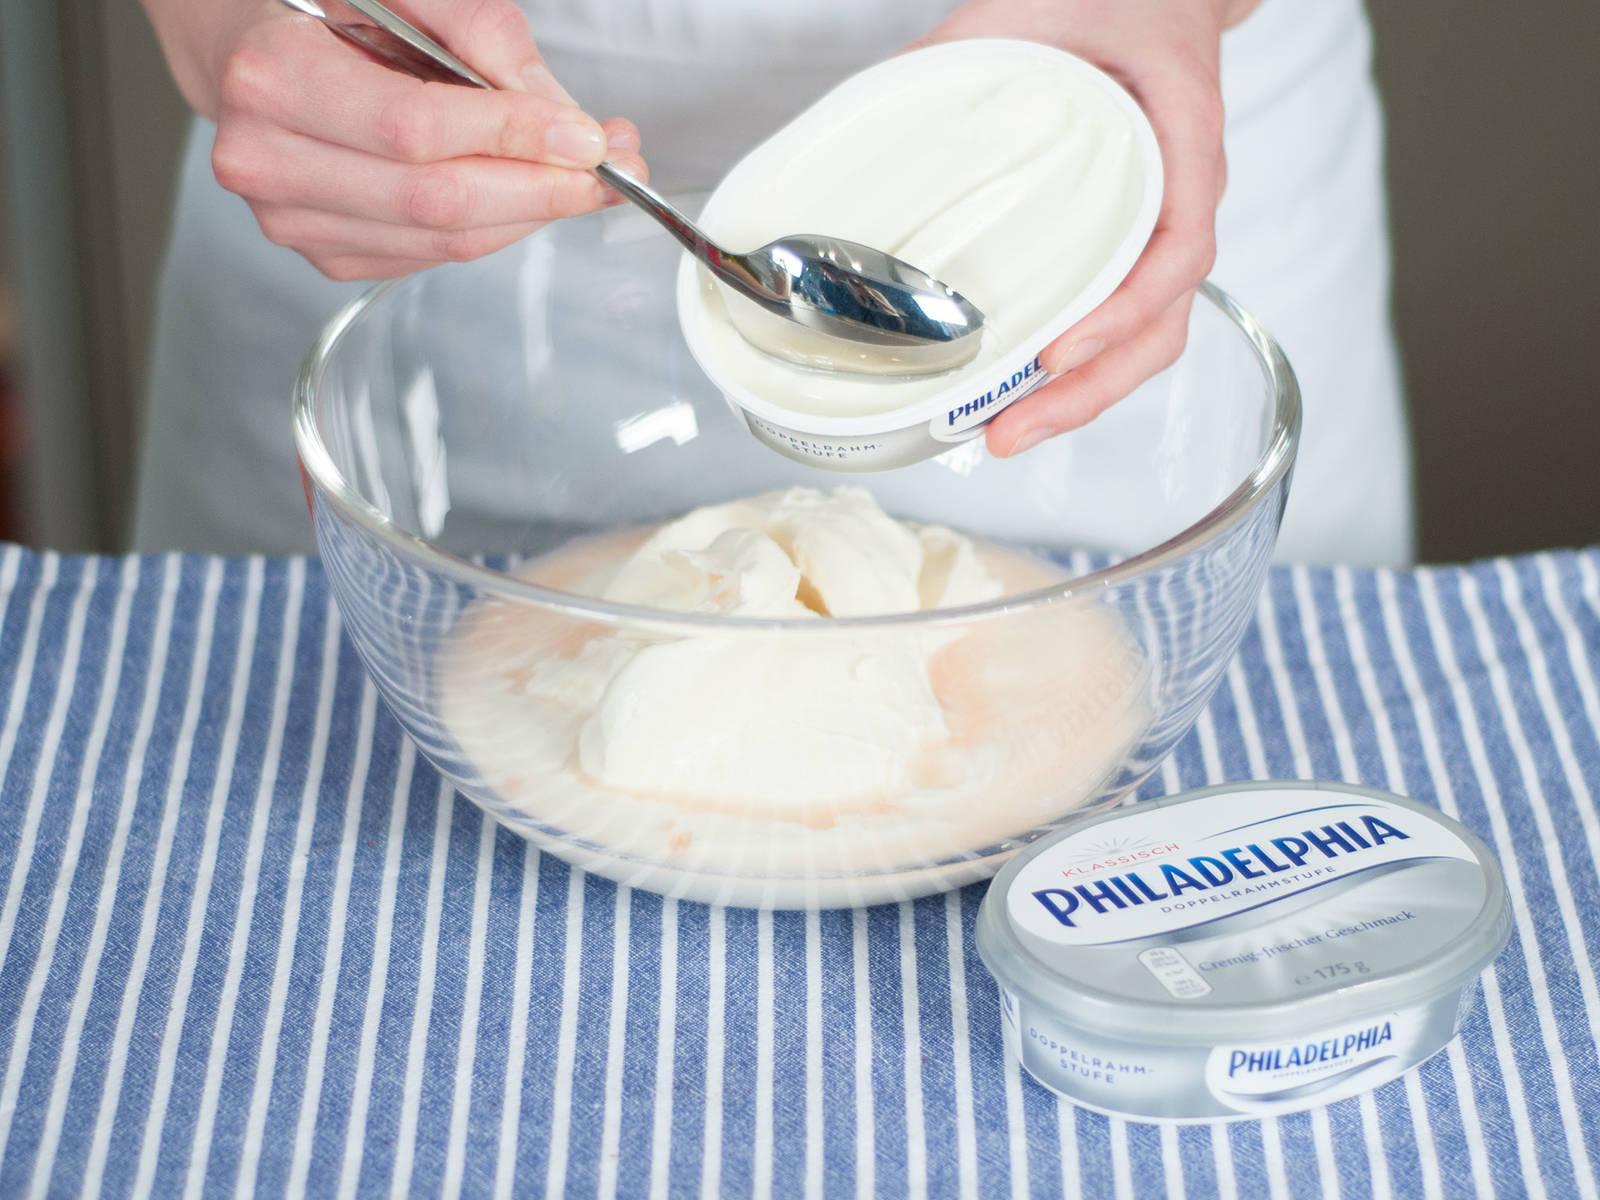 将奶油奶酪与酸奶放入大碗中,搅拌均匀。 将食用明胶混合物注入奶油奶酪混合物中,并再次搅拌均匀。